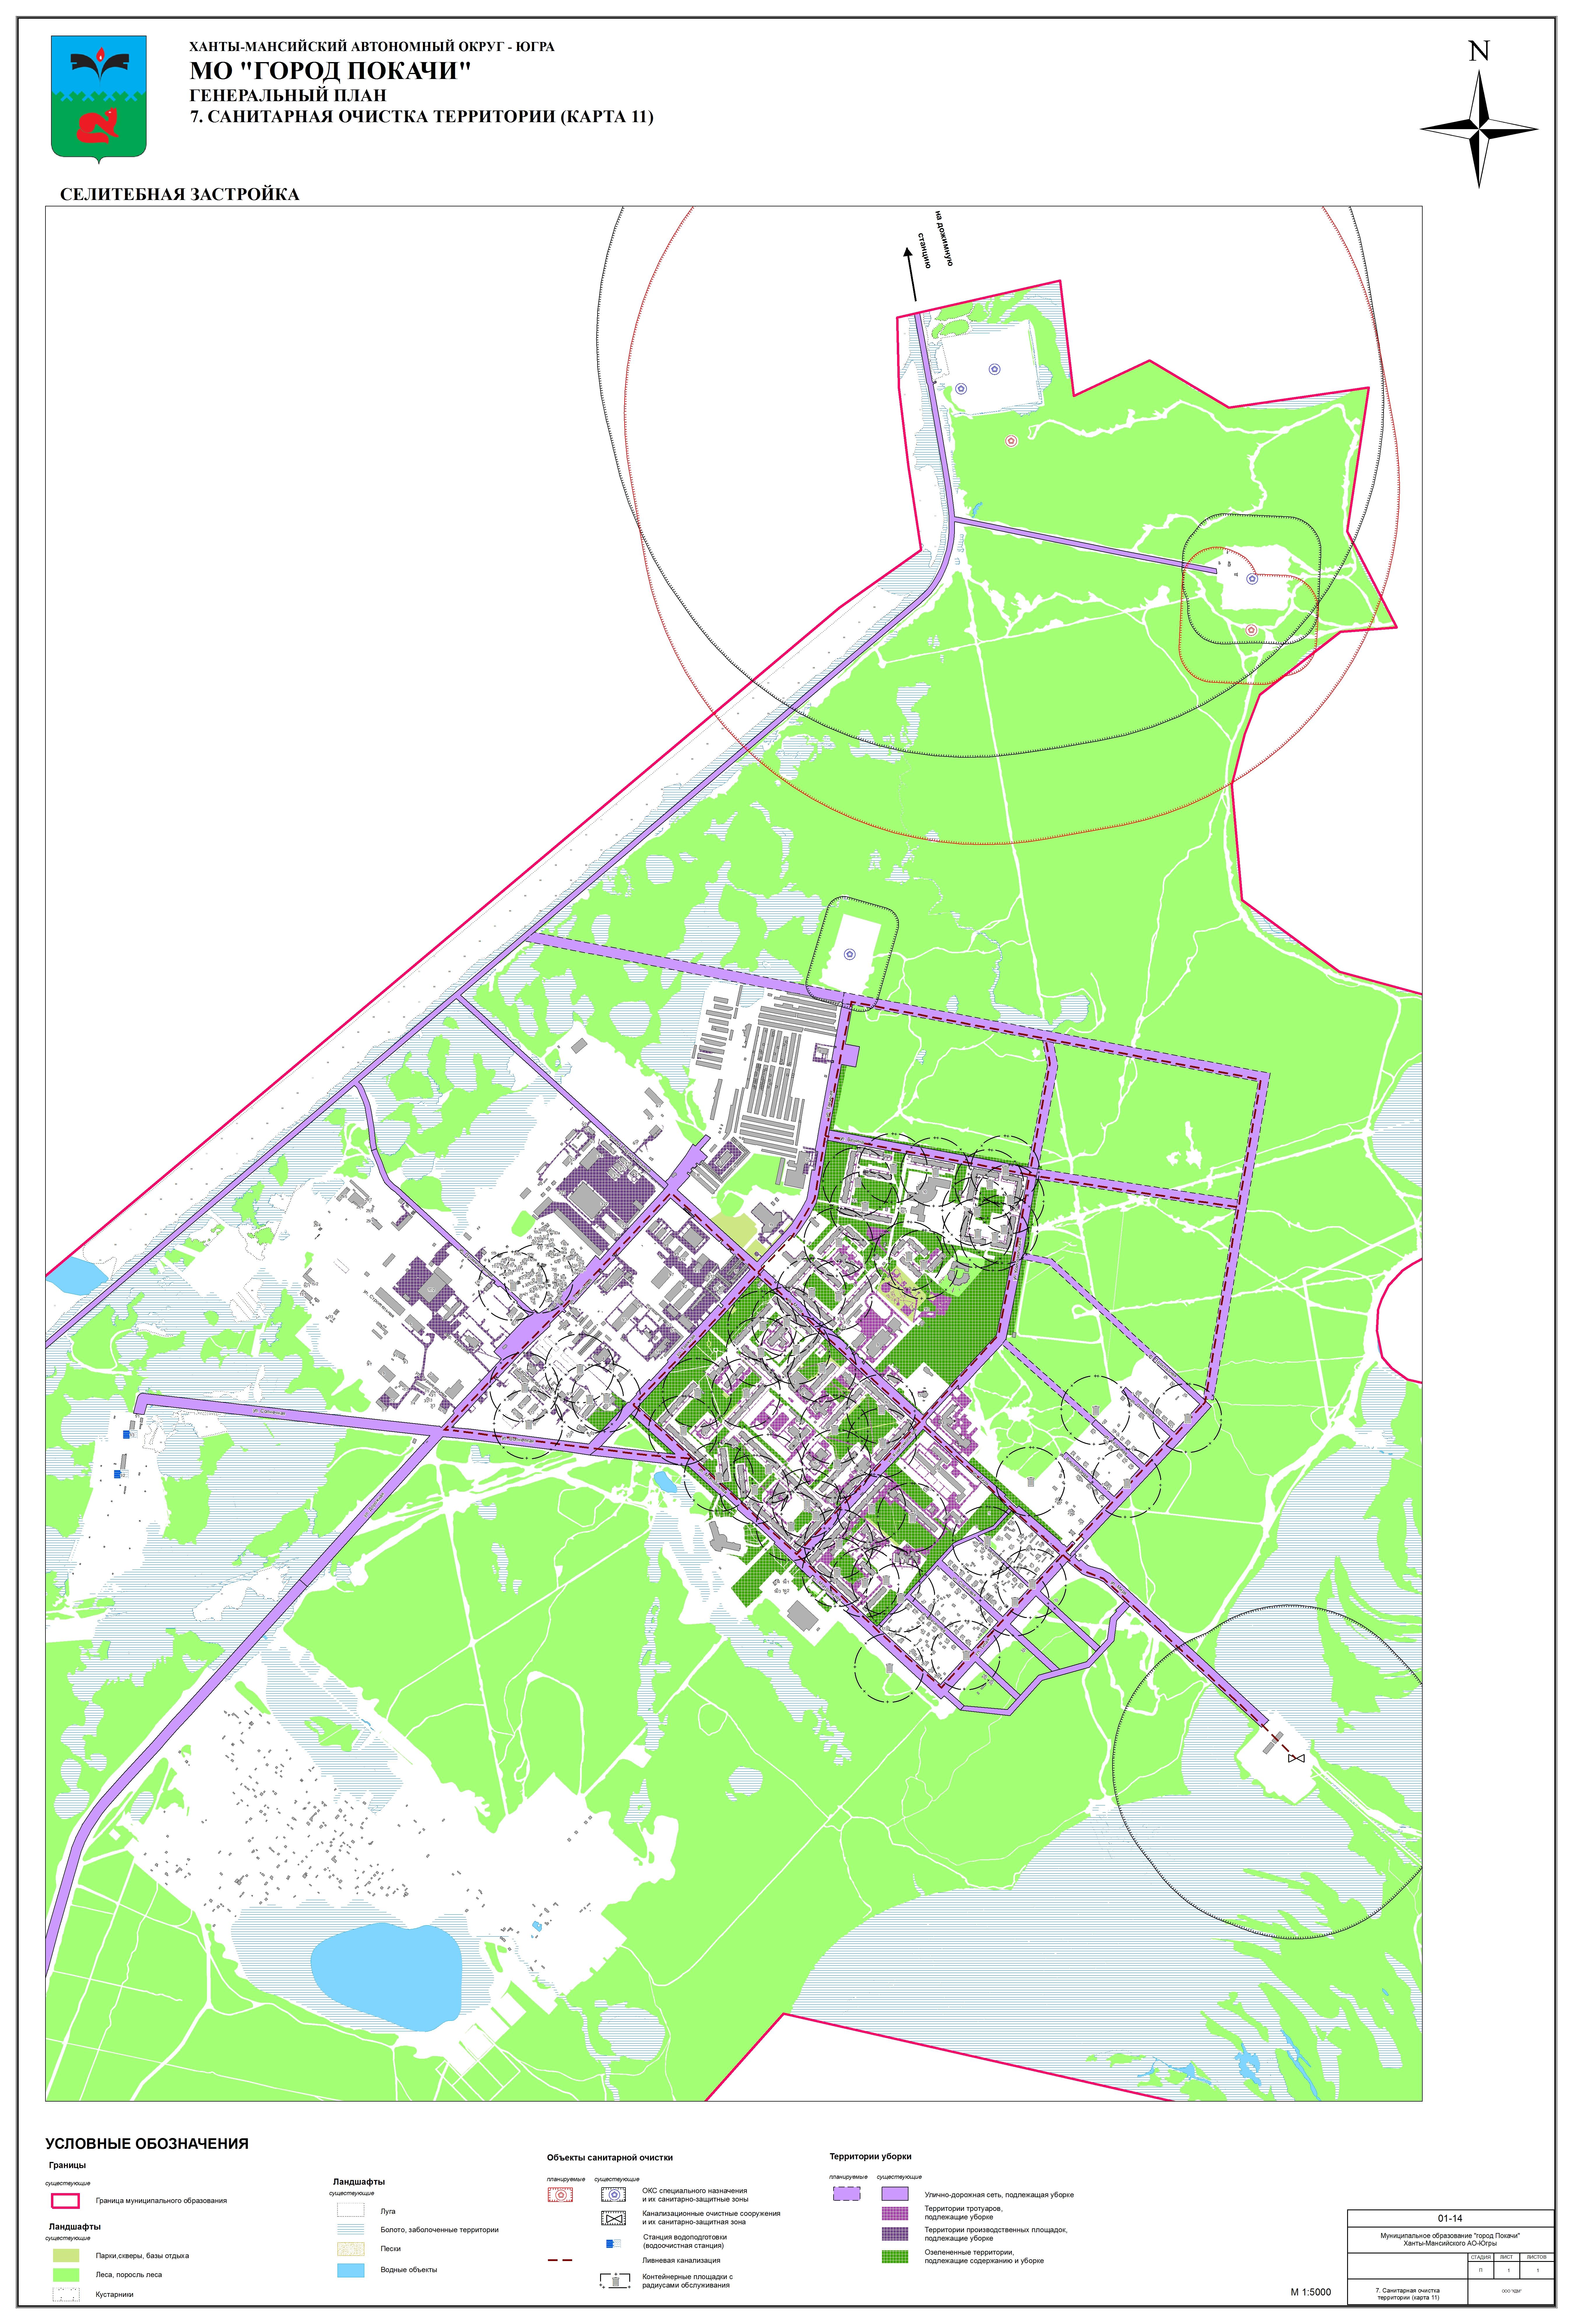 Генеральная схема очистки территории города